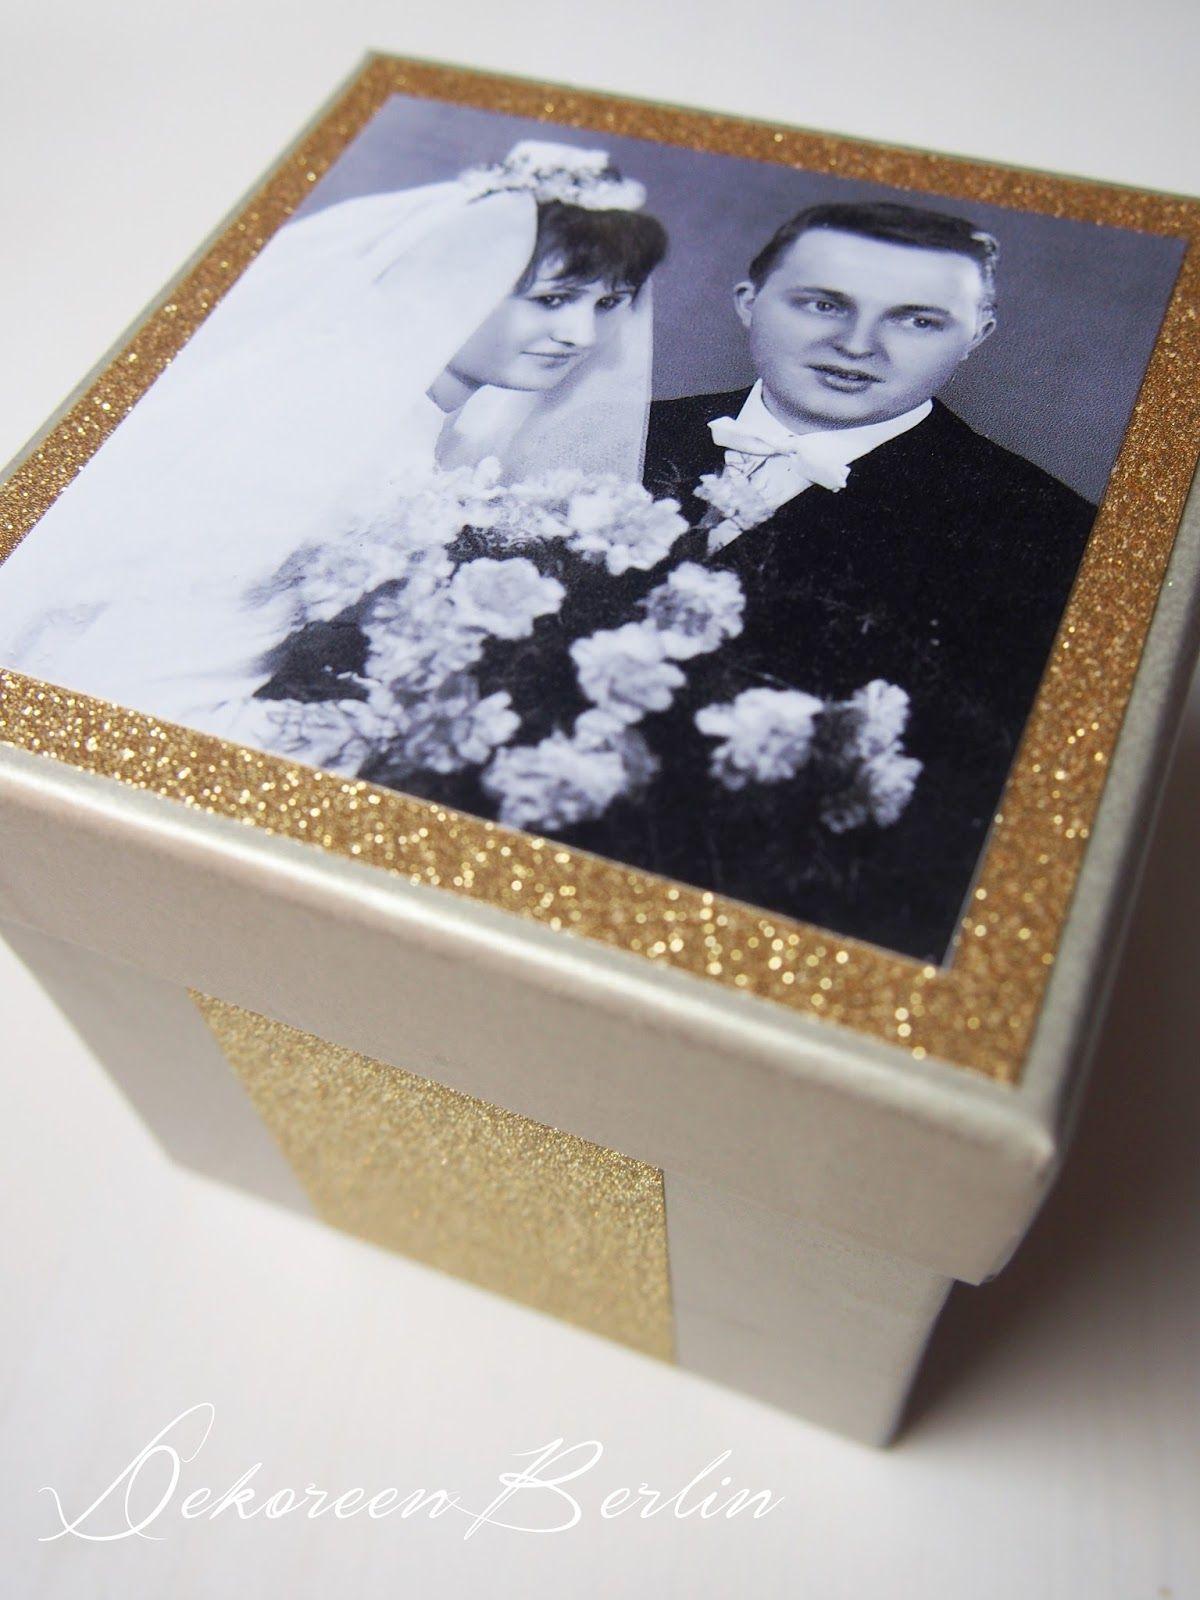 Hochzeit Ideen Geschenk Valentins Day Geschenke Zur Goldenen Hochzeit Geschenk Hochzeit Goldene Hochzeit